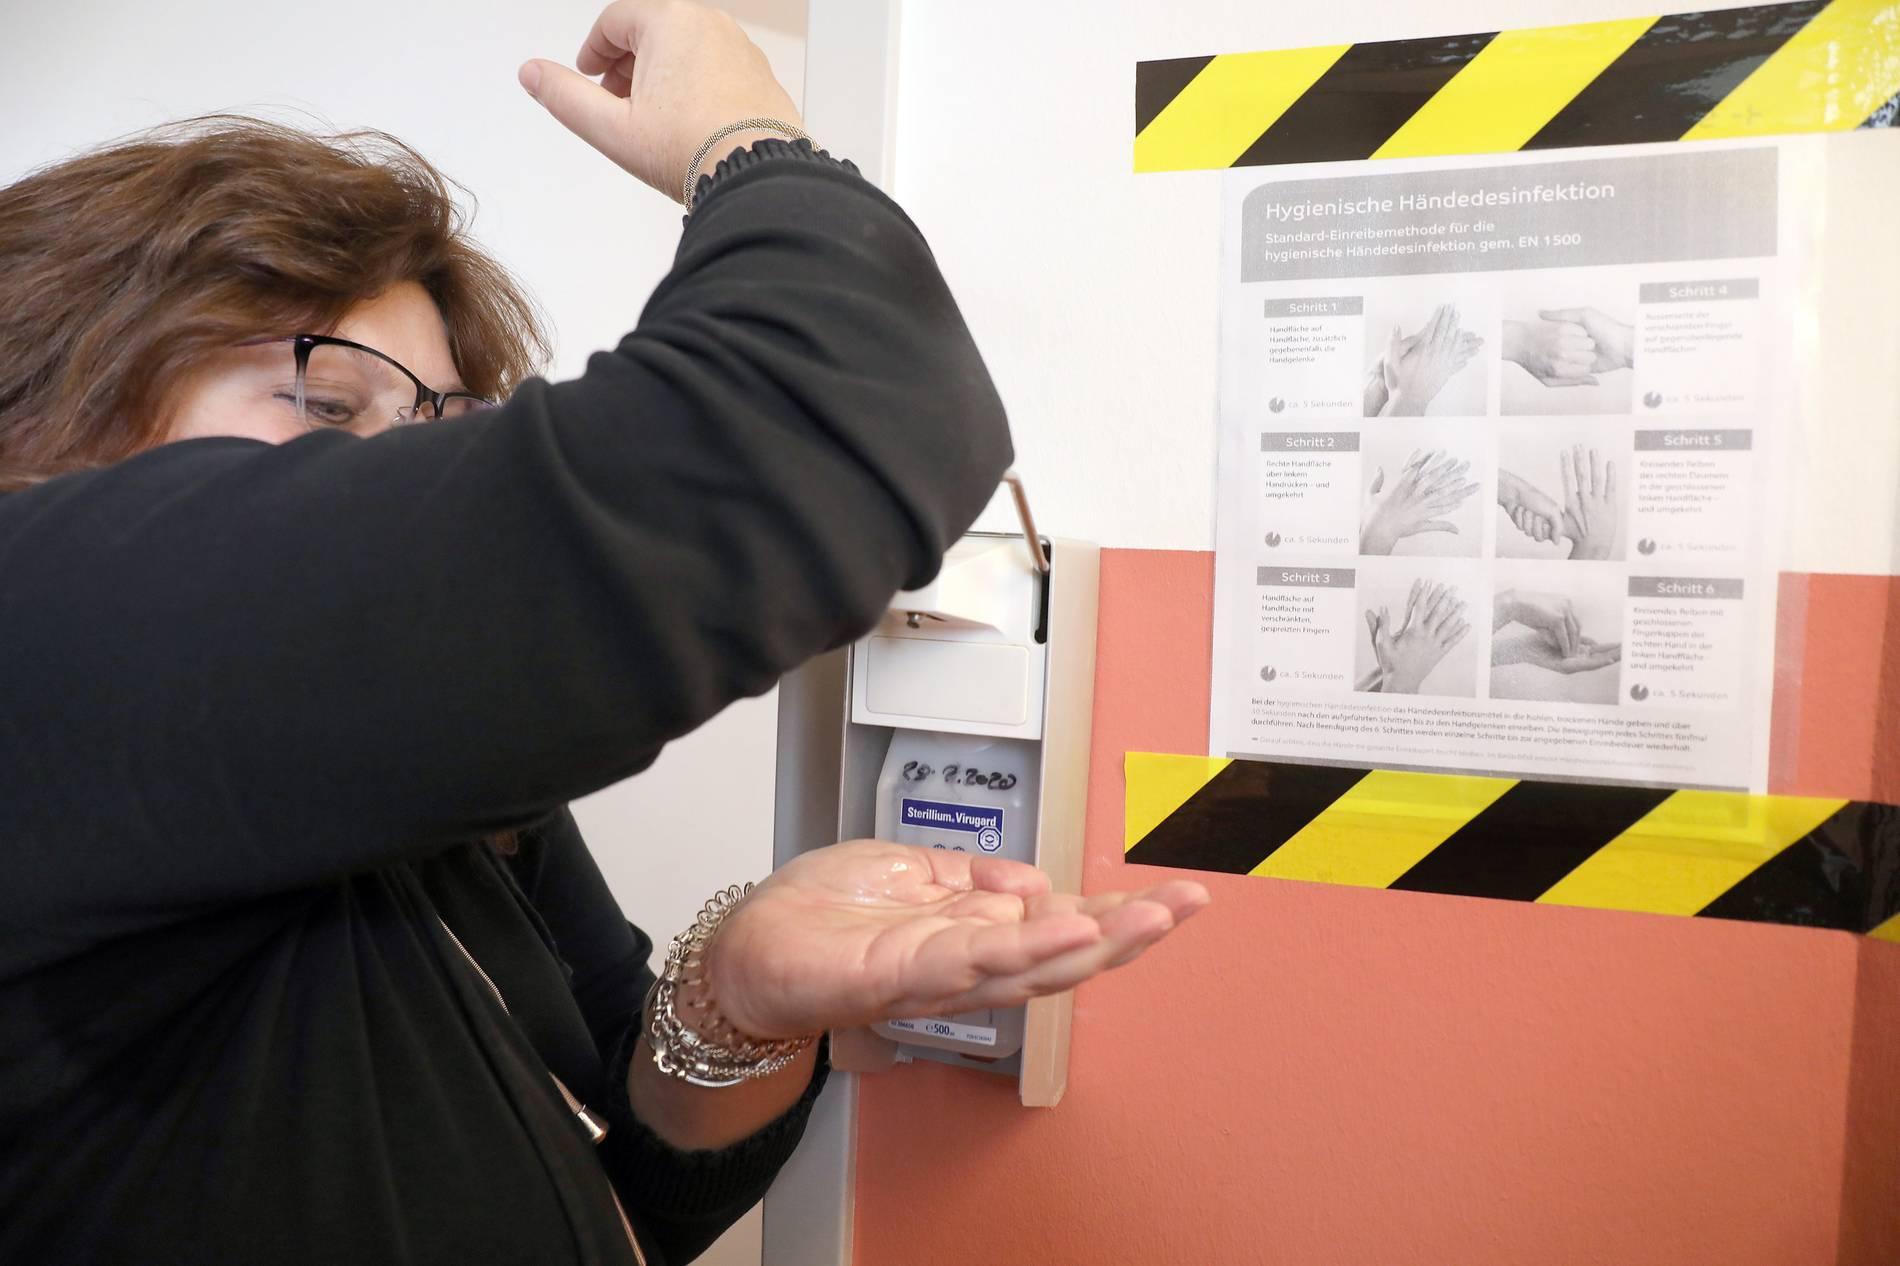 VIRUS: 38 Infizierte im Kreis Heinsberg - Krisenstab kommt zusammen